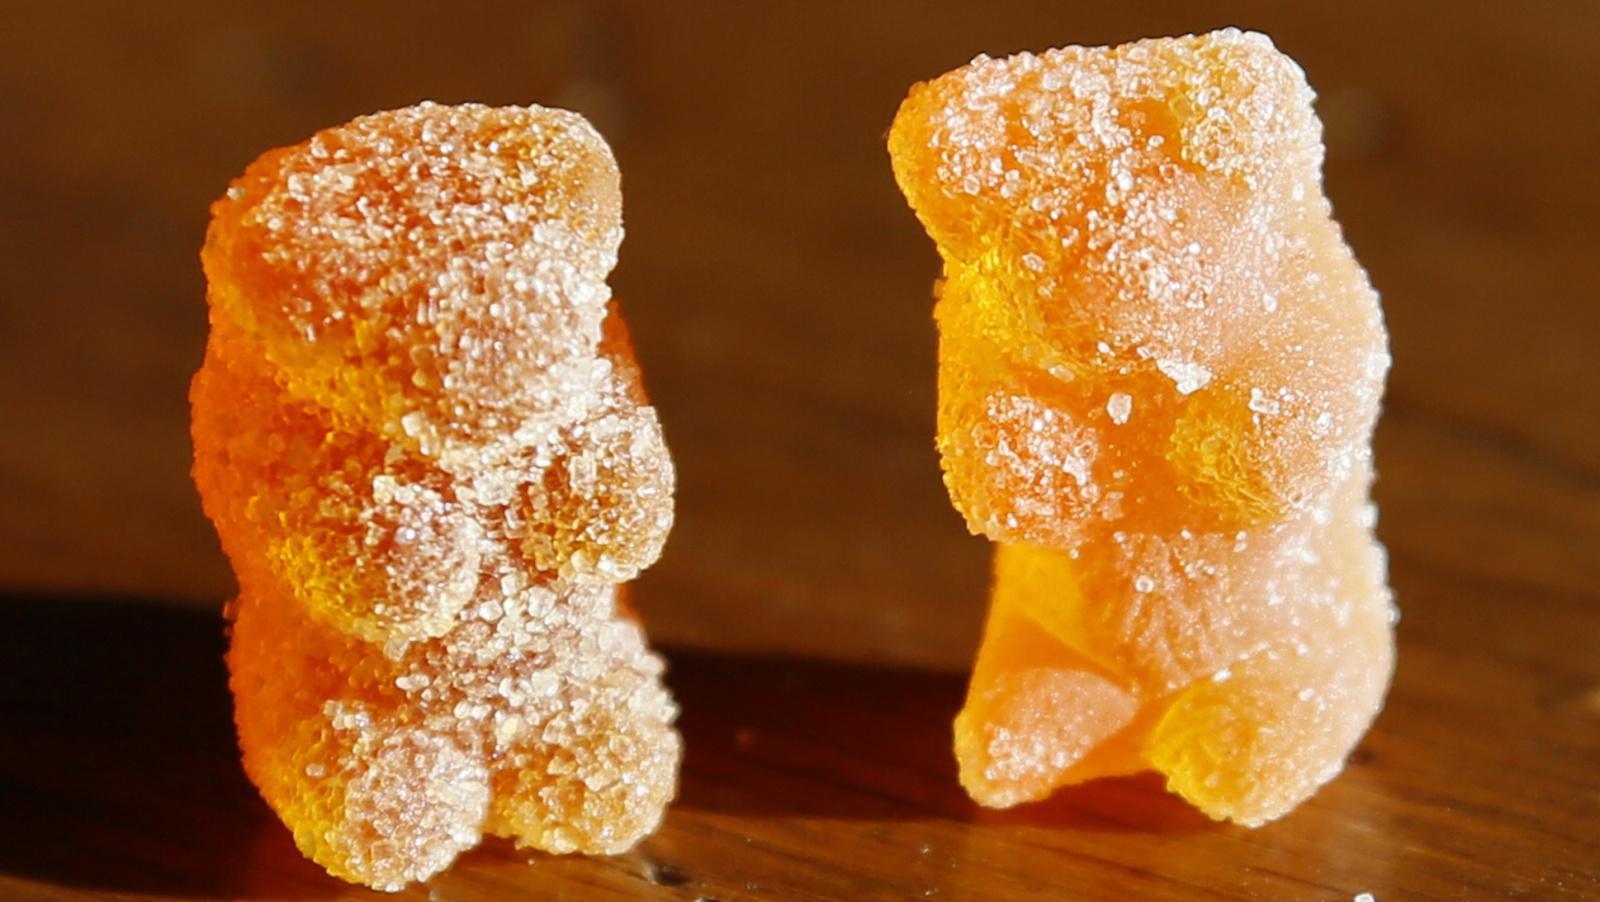 Gummy bear candy.